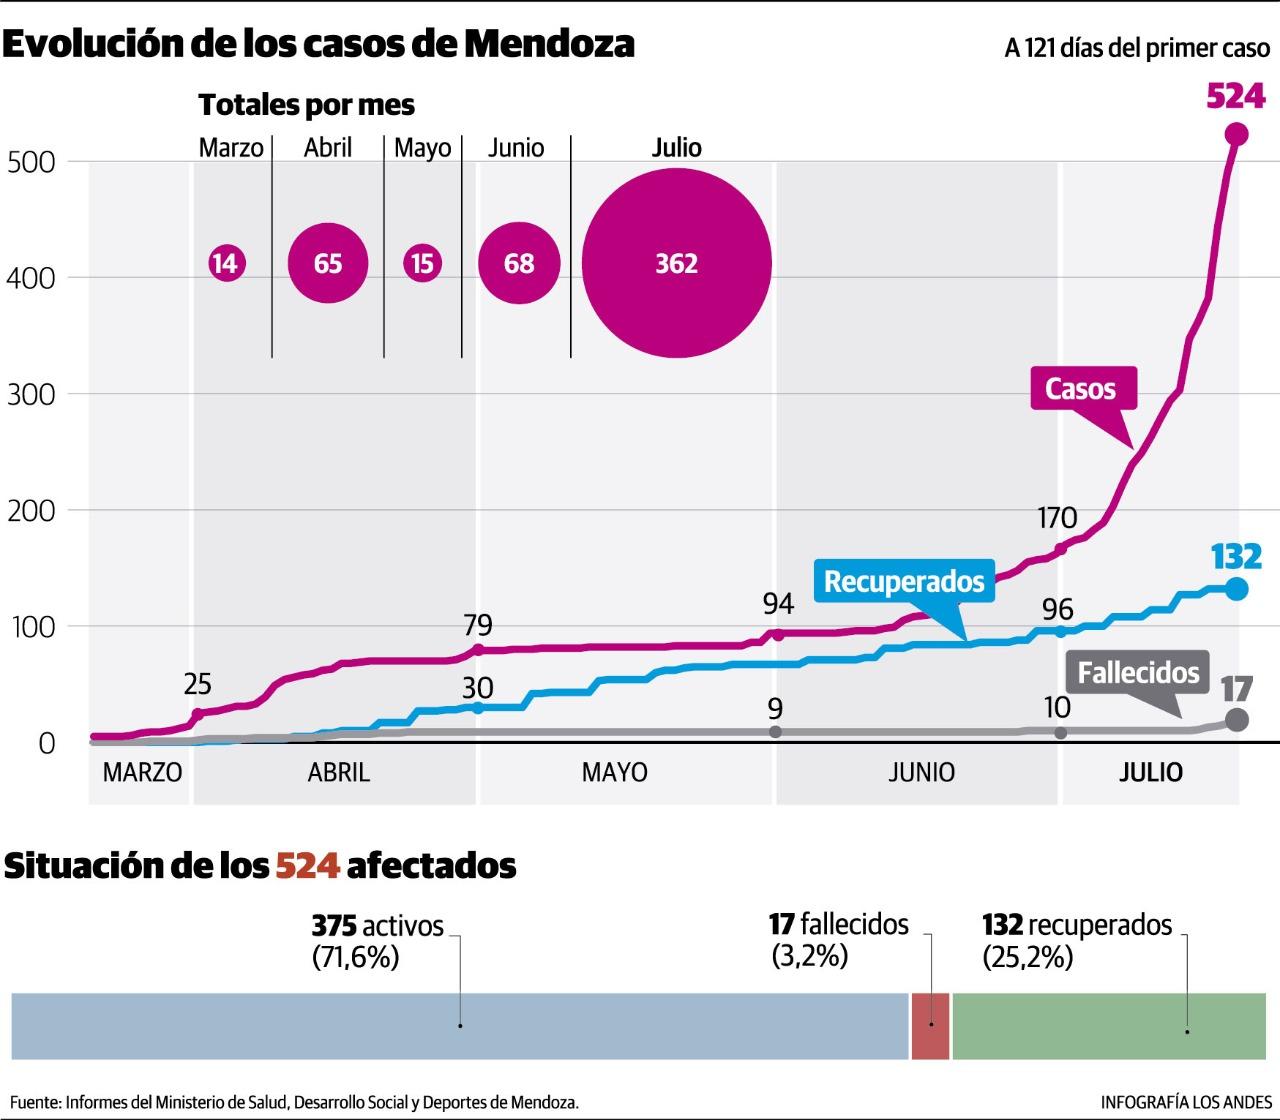 Evolución de los casos en Mendoza -